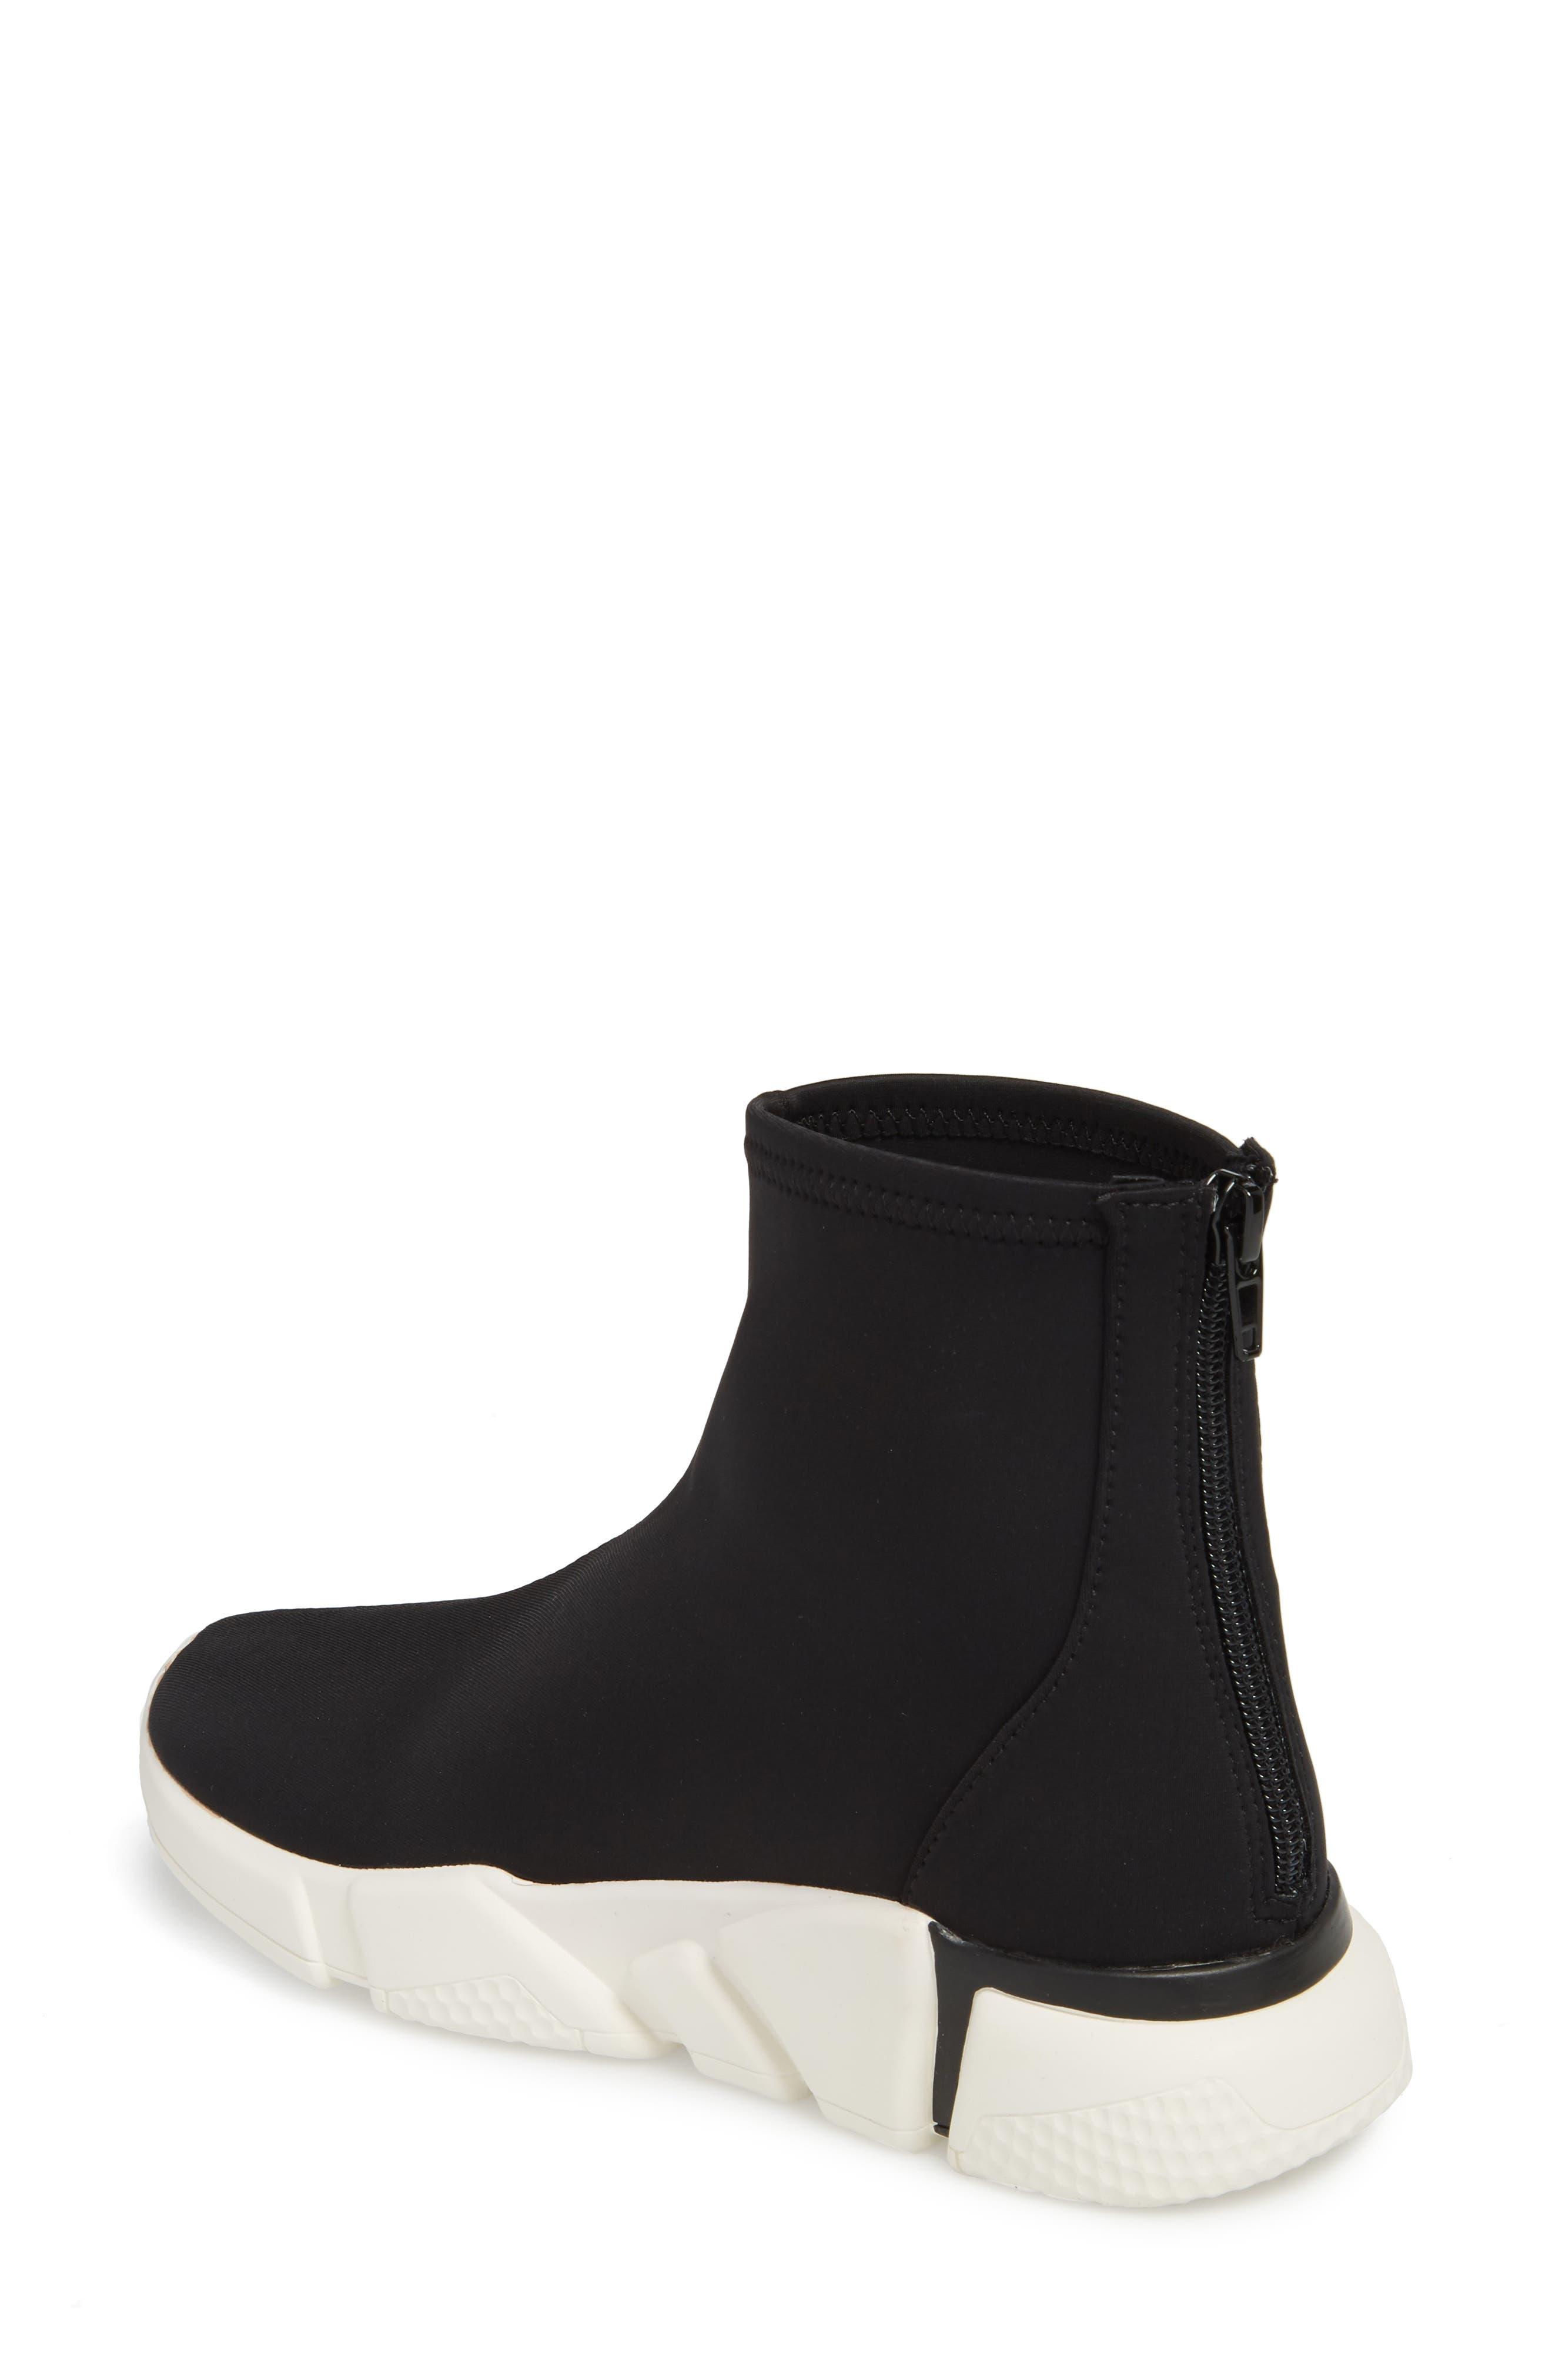 Sock Sneaker,                             Alternate thumbnail 2, color,                             Black / White